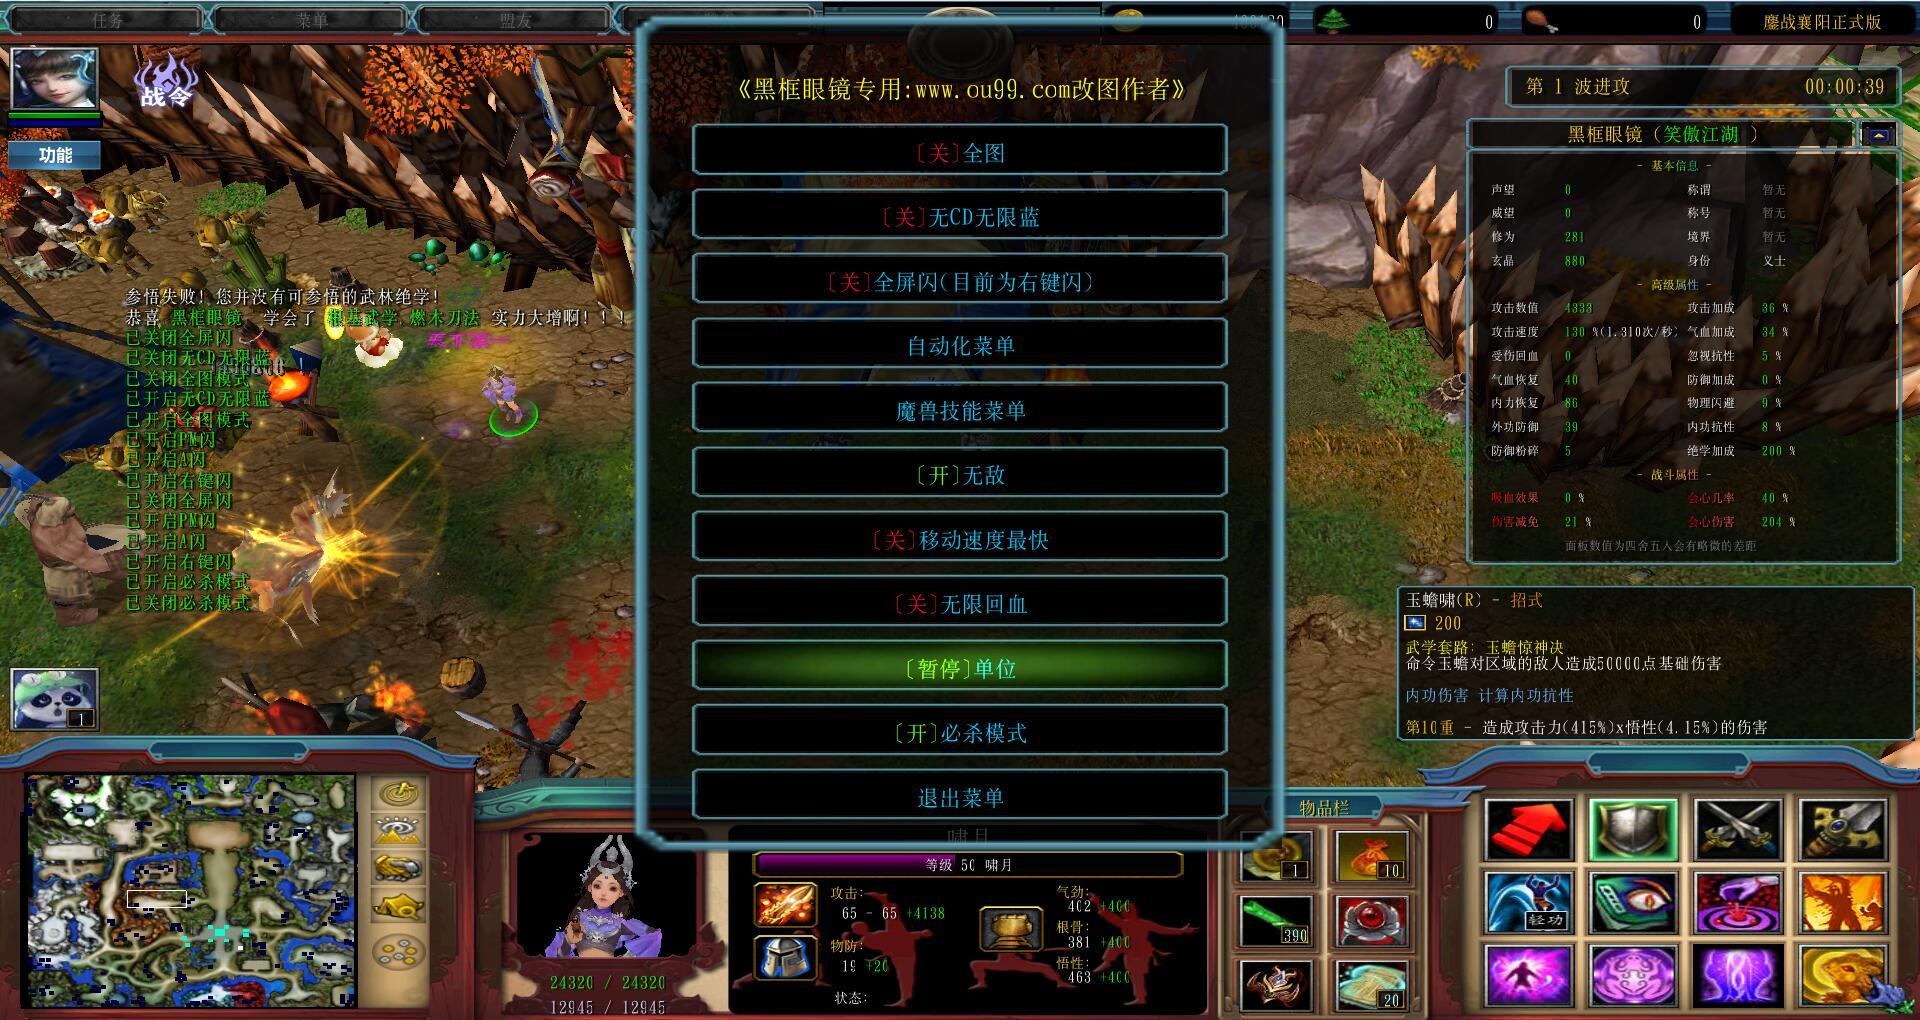 鏖战襄阳6.6.0黑式破解